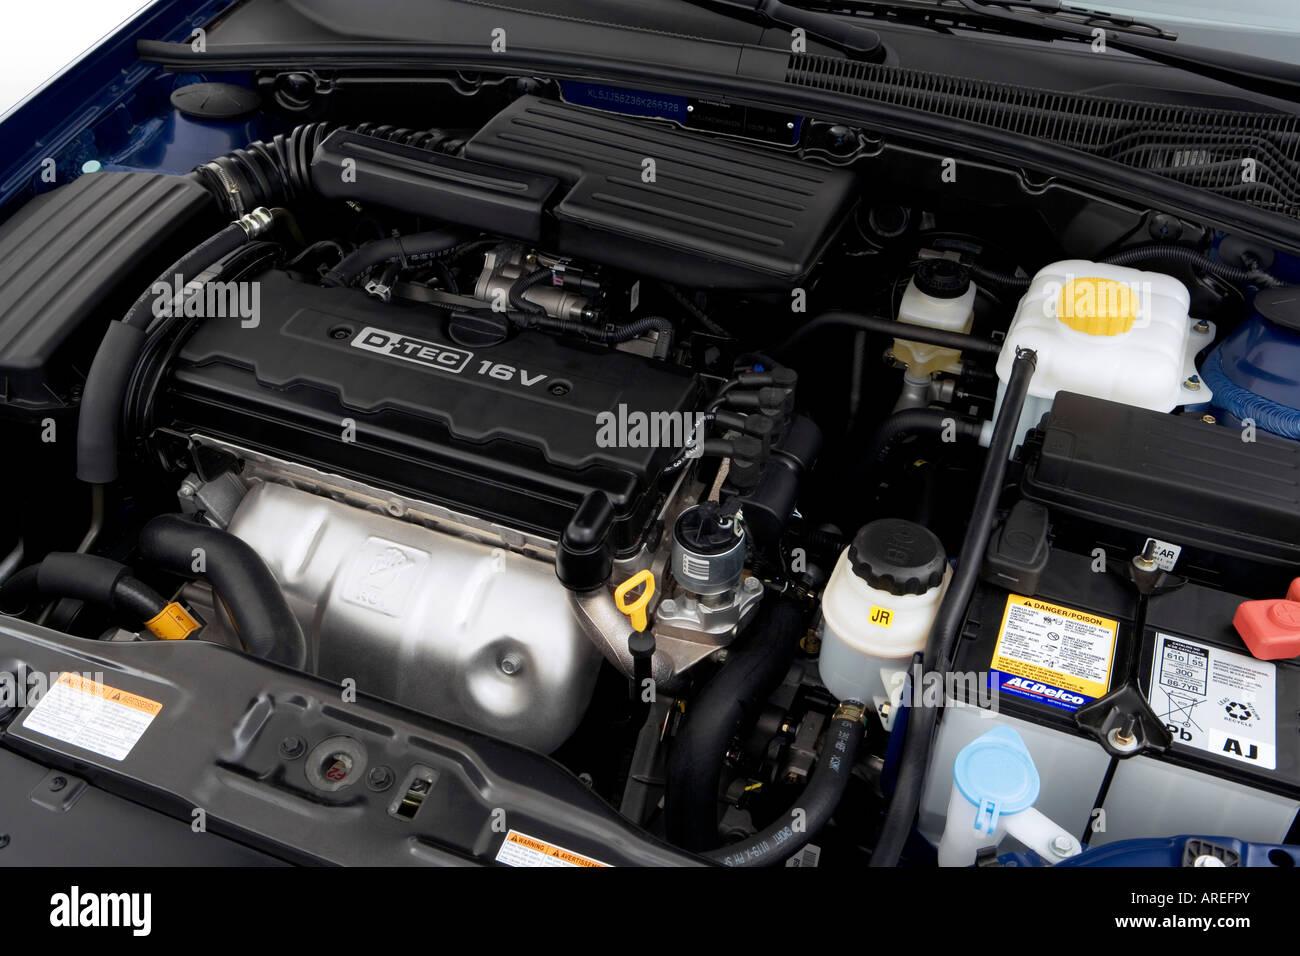 Suzuki forenza 2006 engine